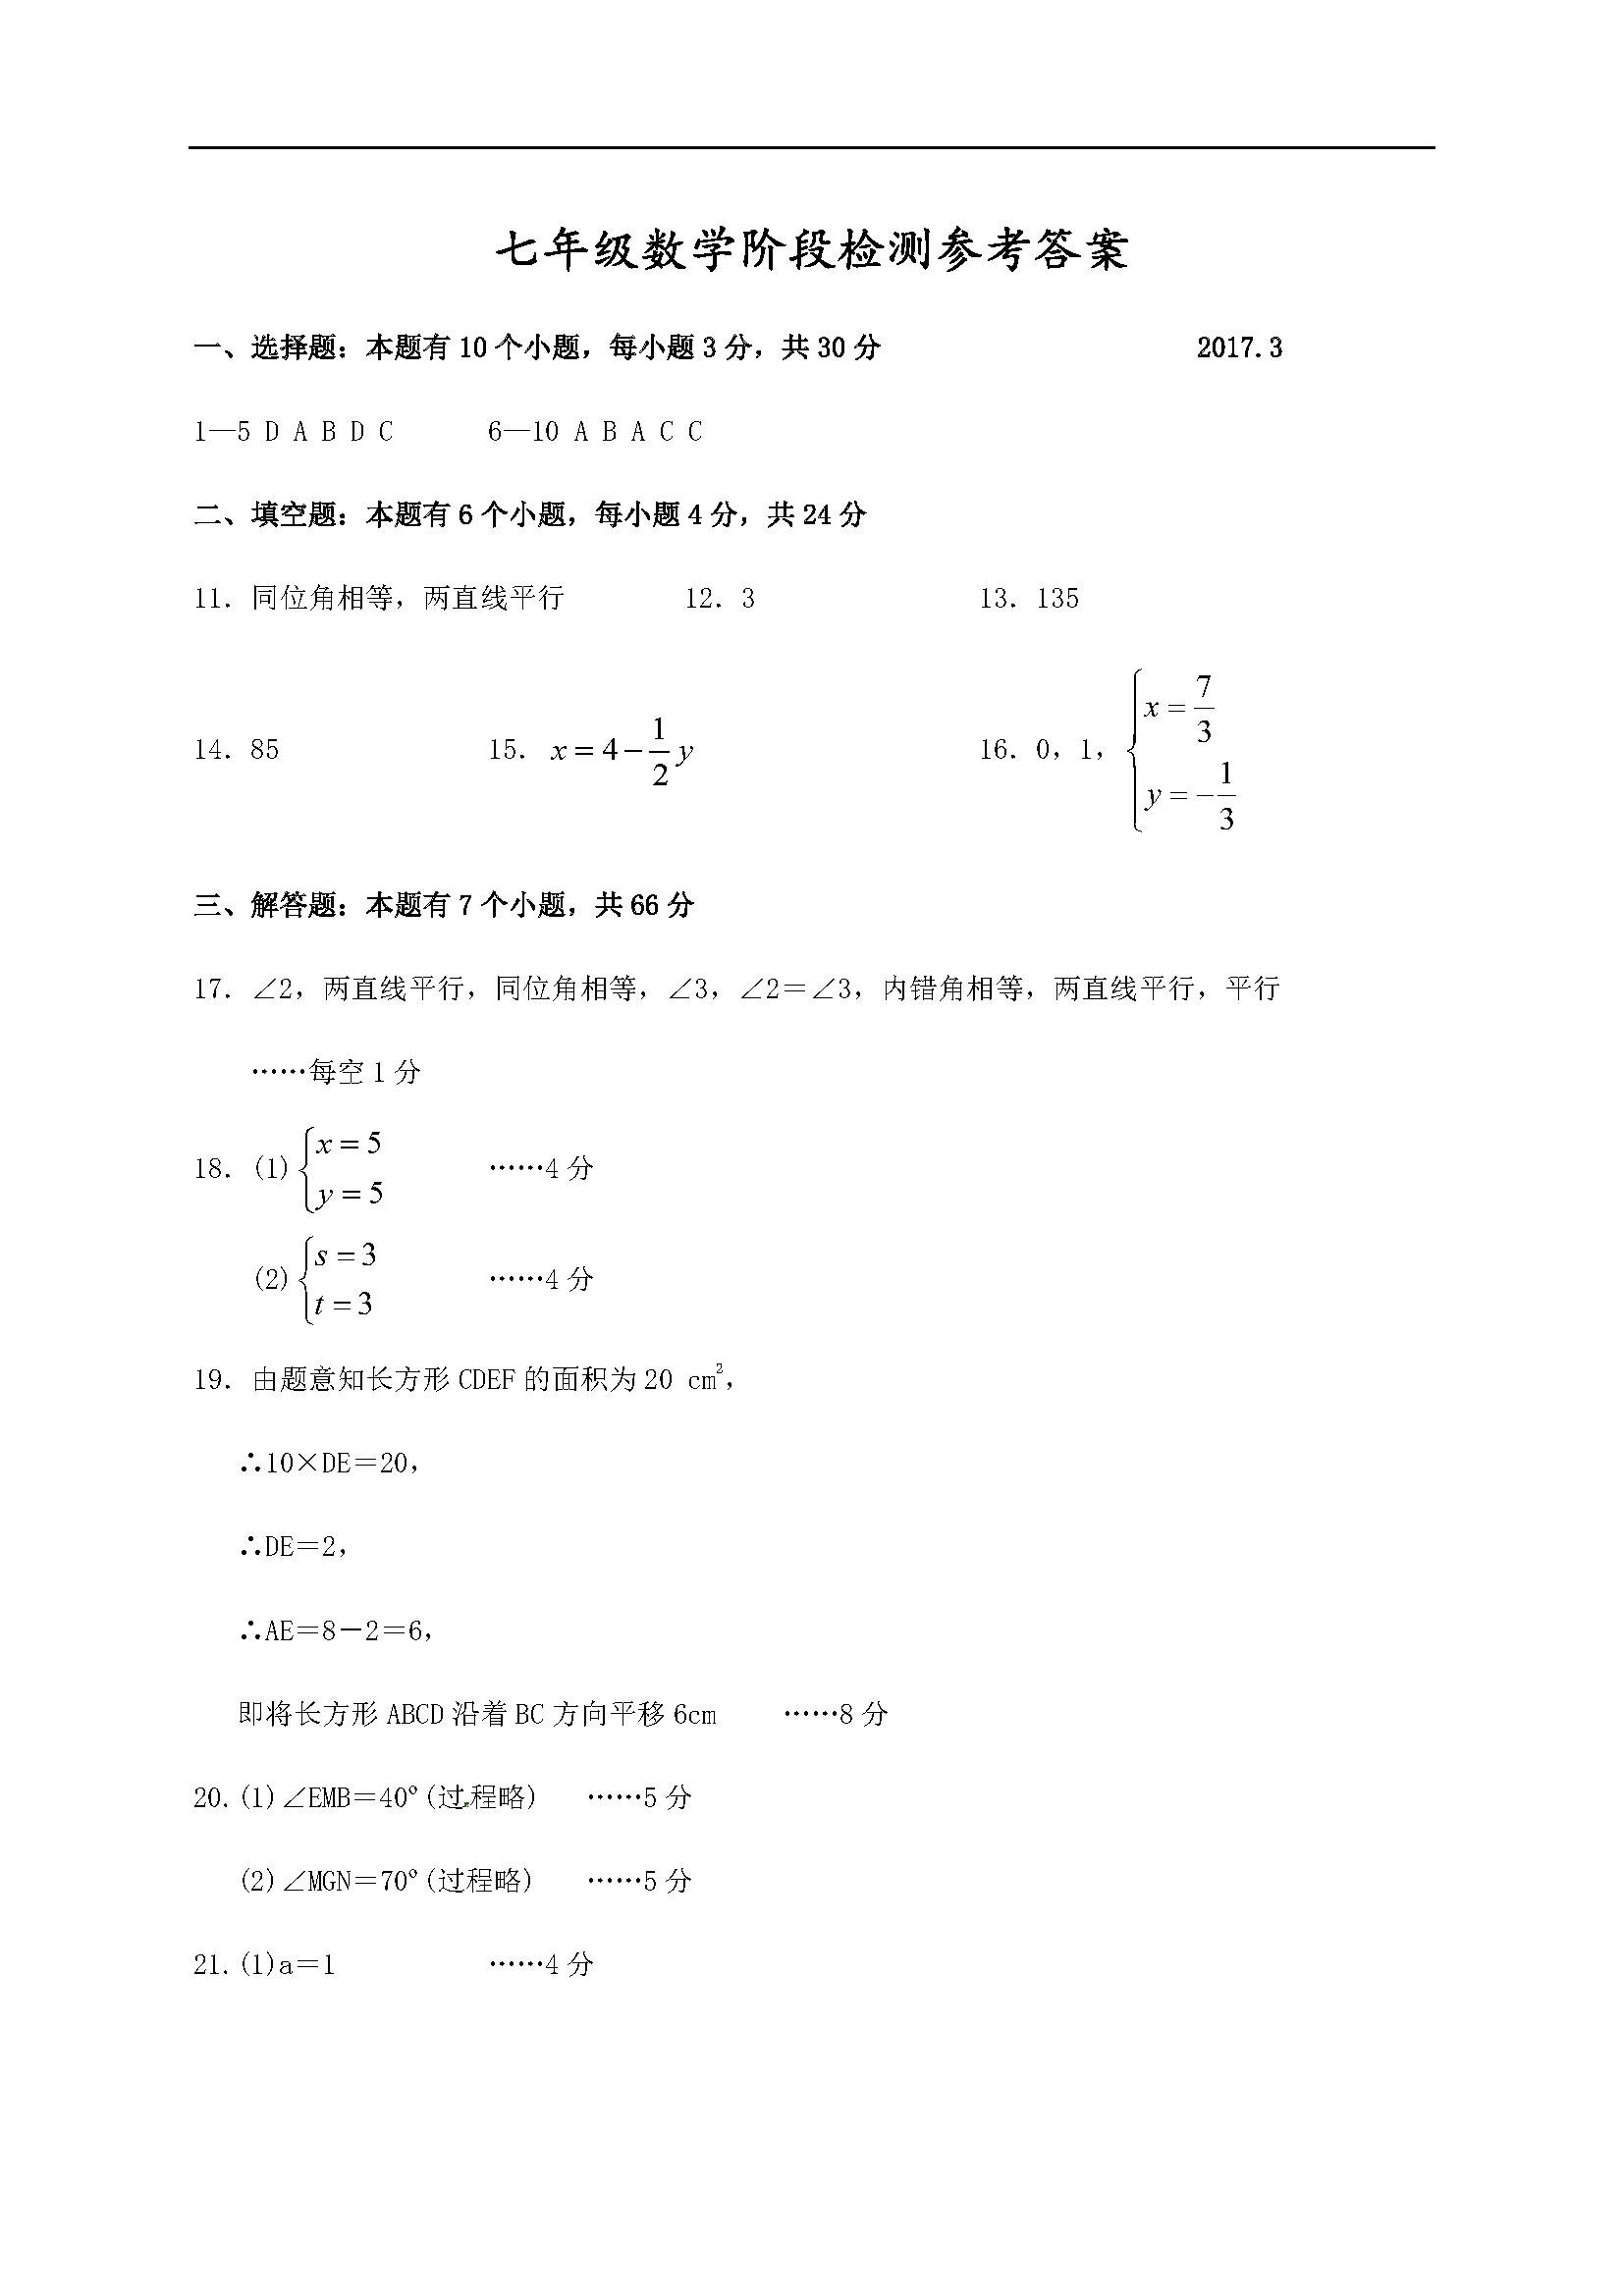 2017浙江杭州萧山戴村片七年级3月月考数学试题答案(Word版)